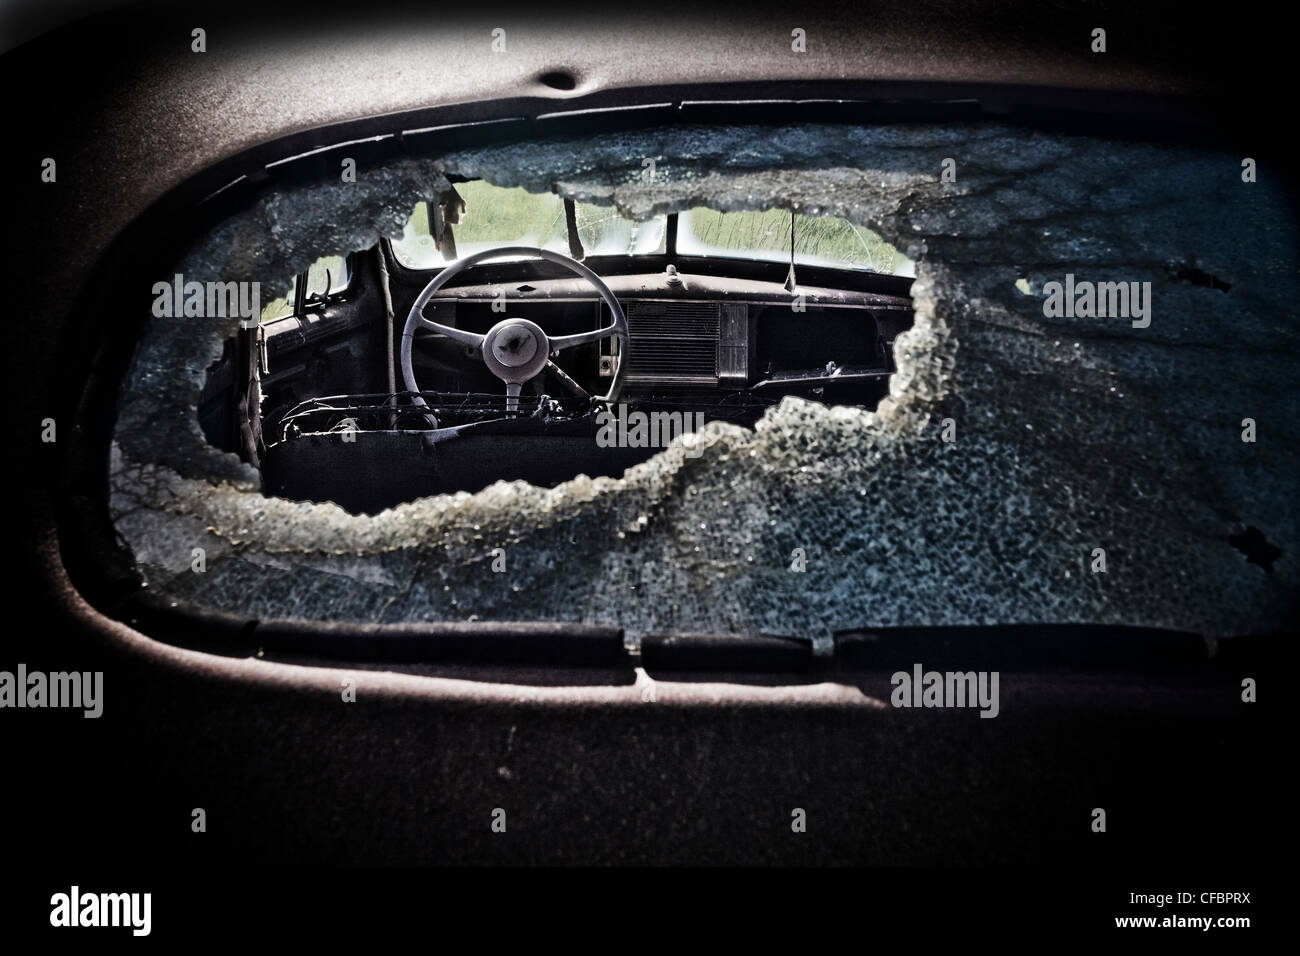 Consente di visualizzare se il vecchio Chevy's fracassato il finestrino posteriore, Saskatchewan, Canada Immagini Stock